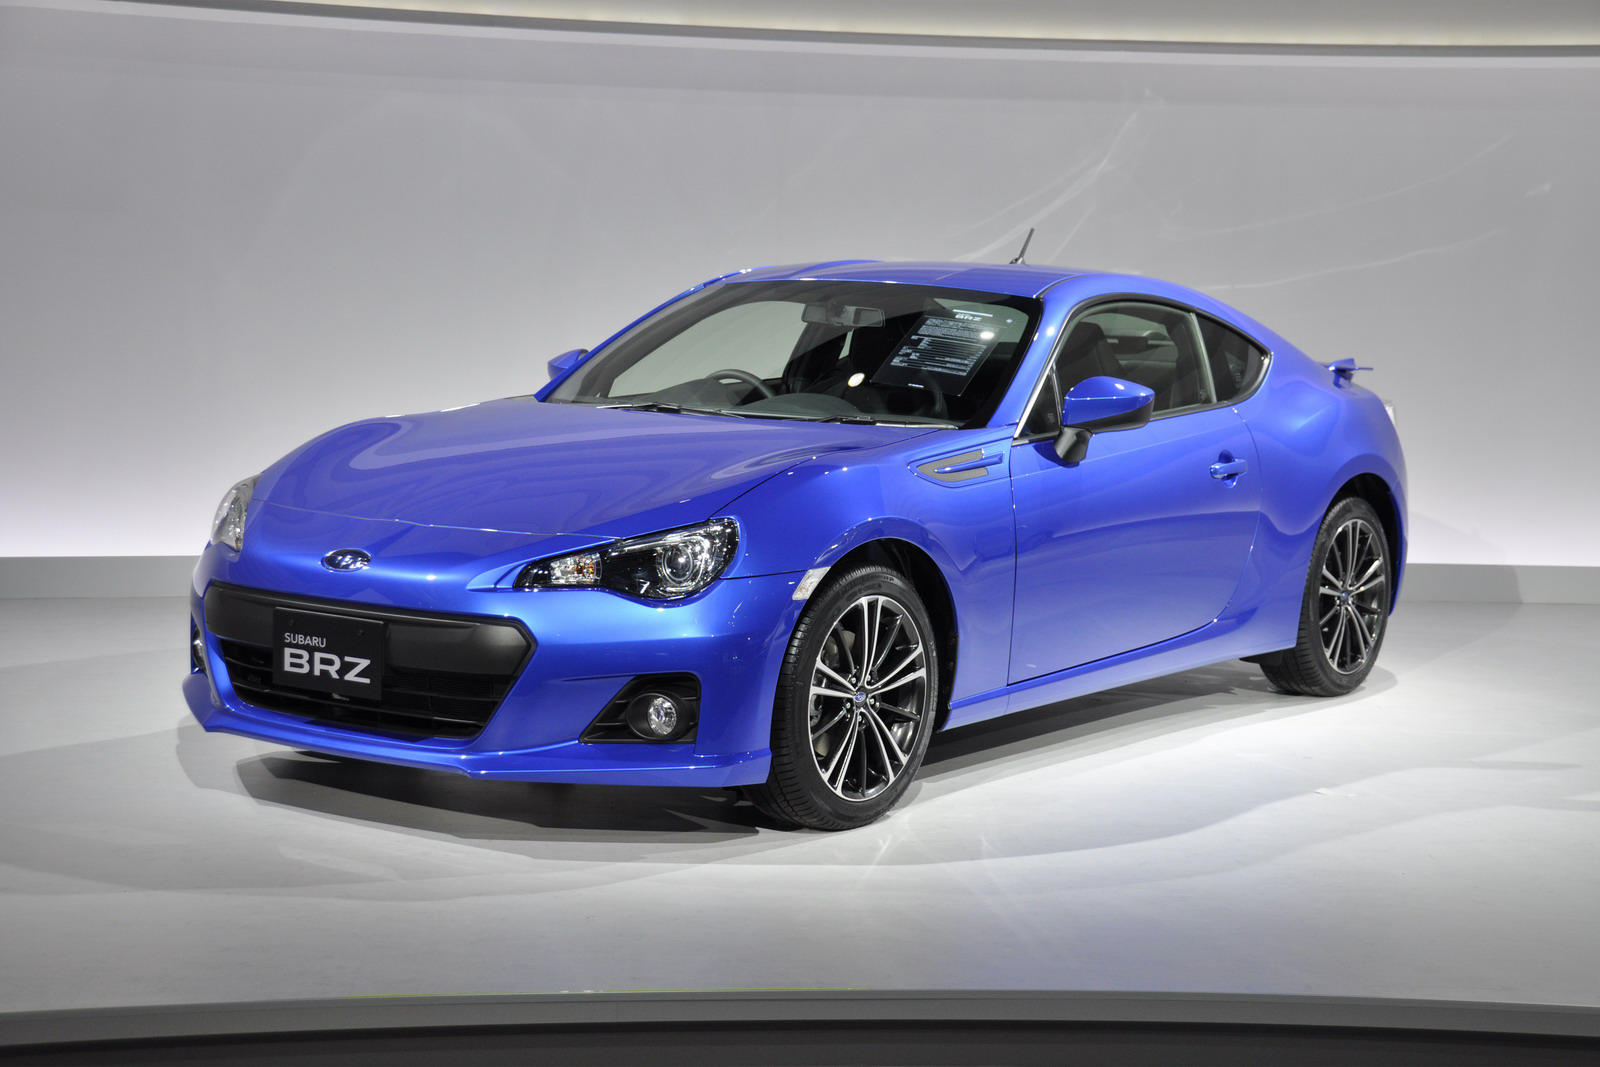 2013-Subaru-BRZ-Coupe-22.jpg?imgmax=1800